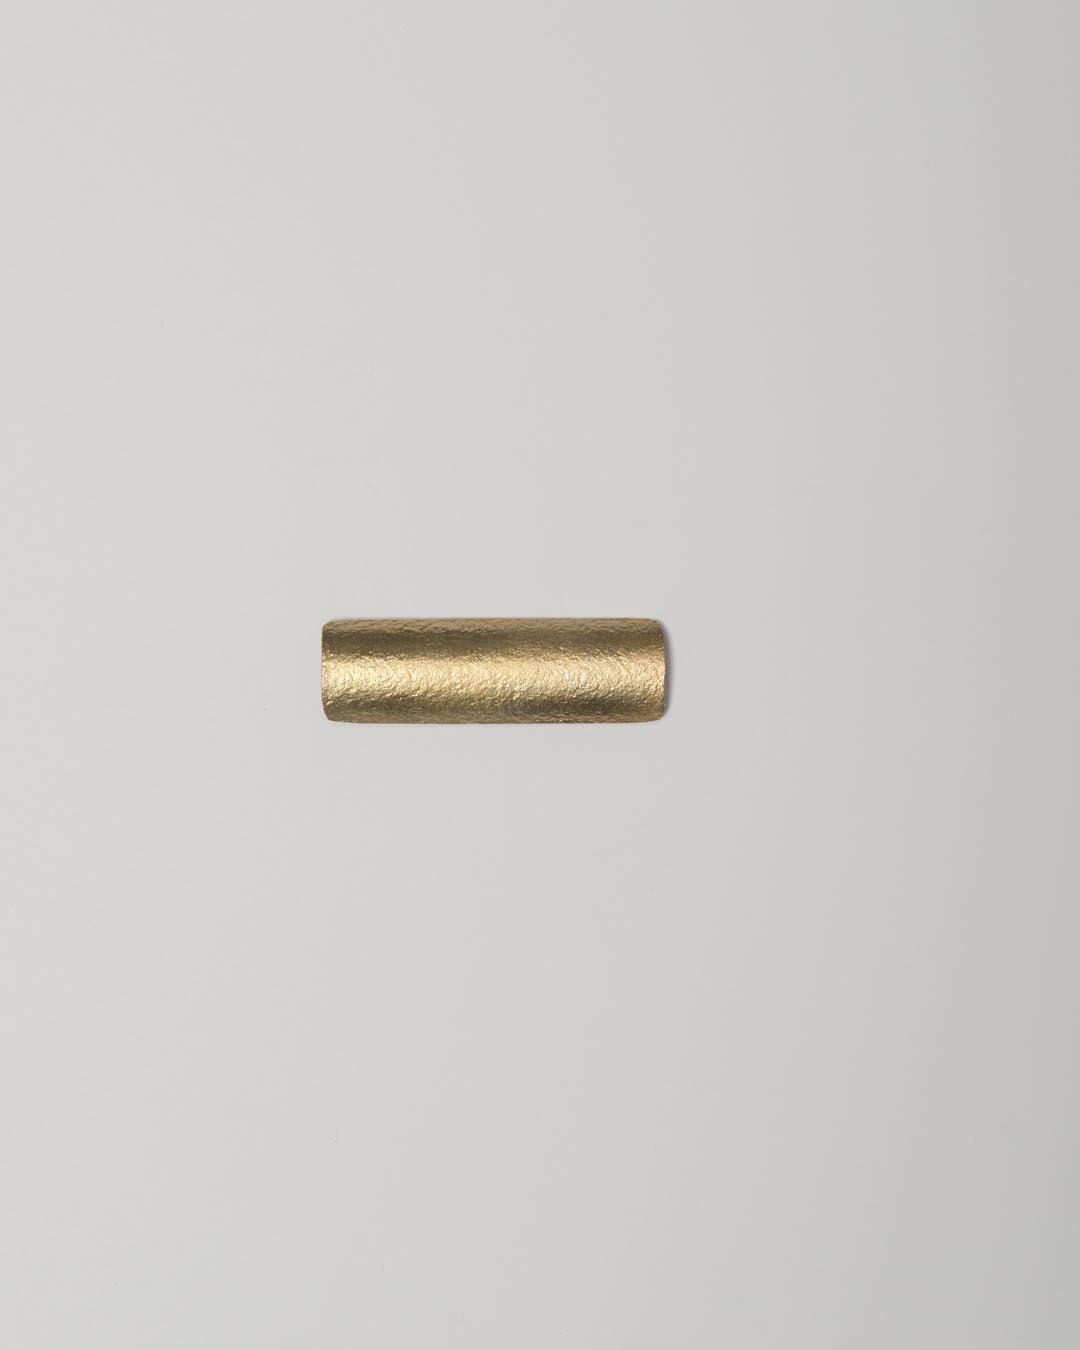 Yasuki Hiramatsu, untitled, brooch; gold-plated silver, 14.5 x 47 x 8 mm, €625